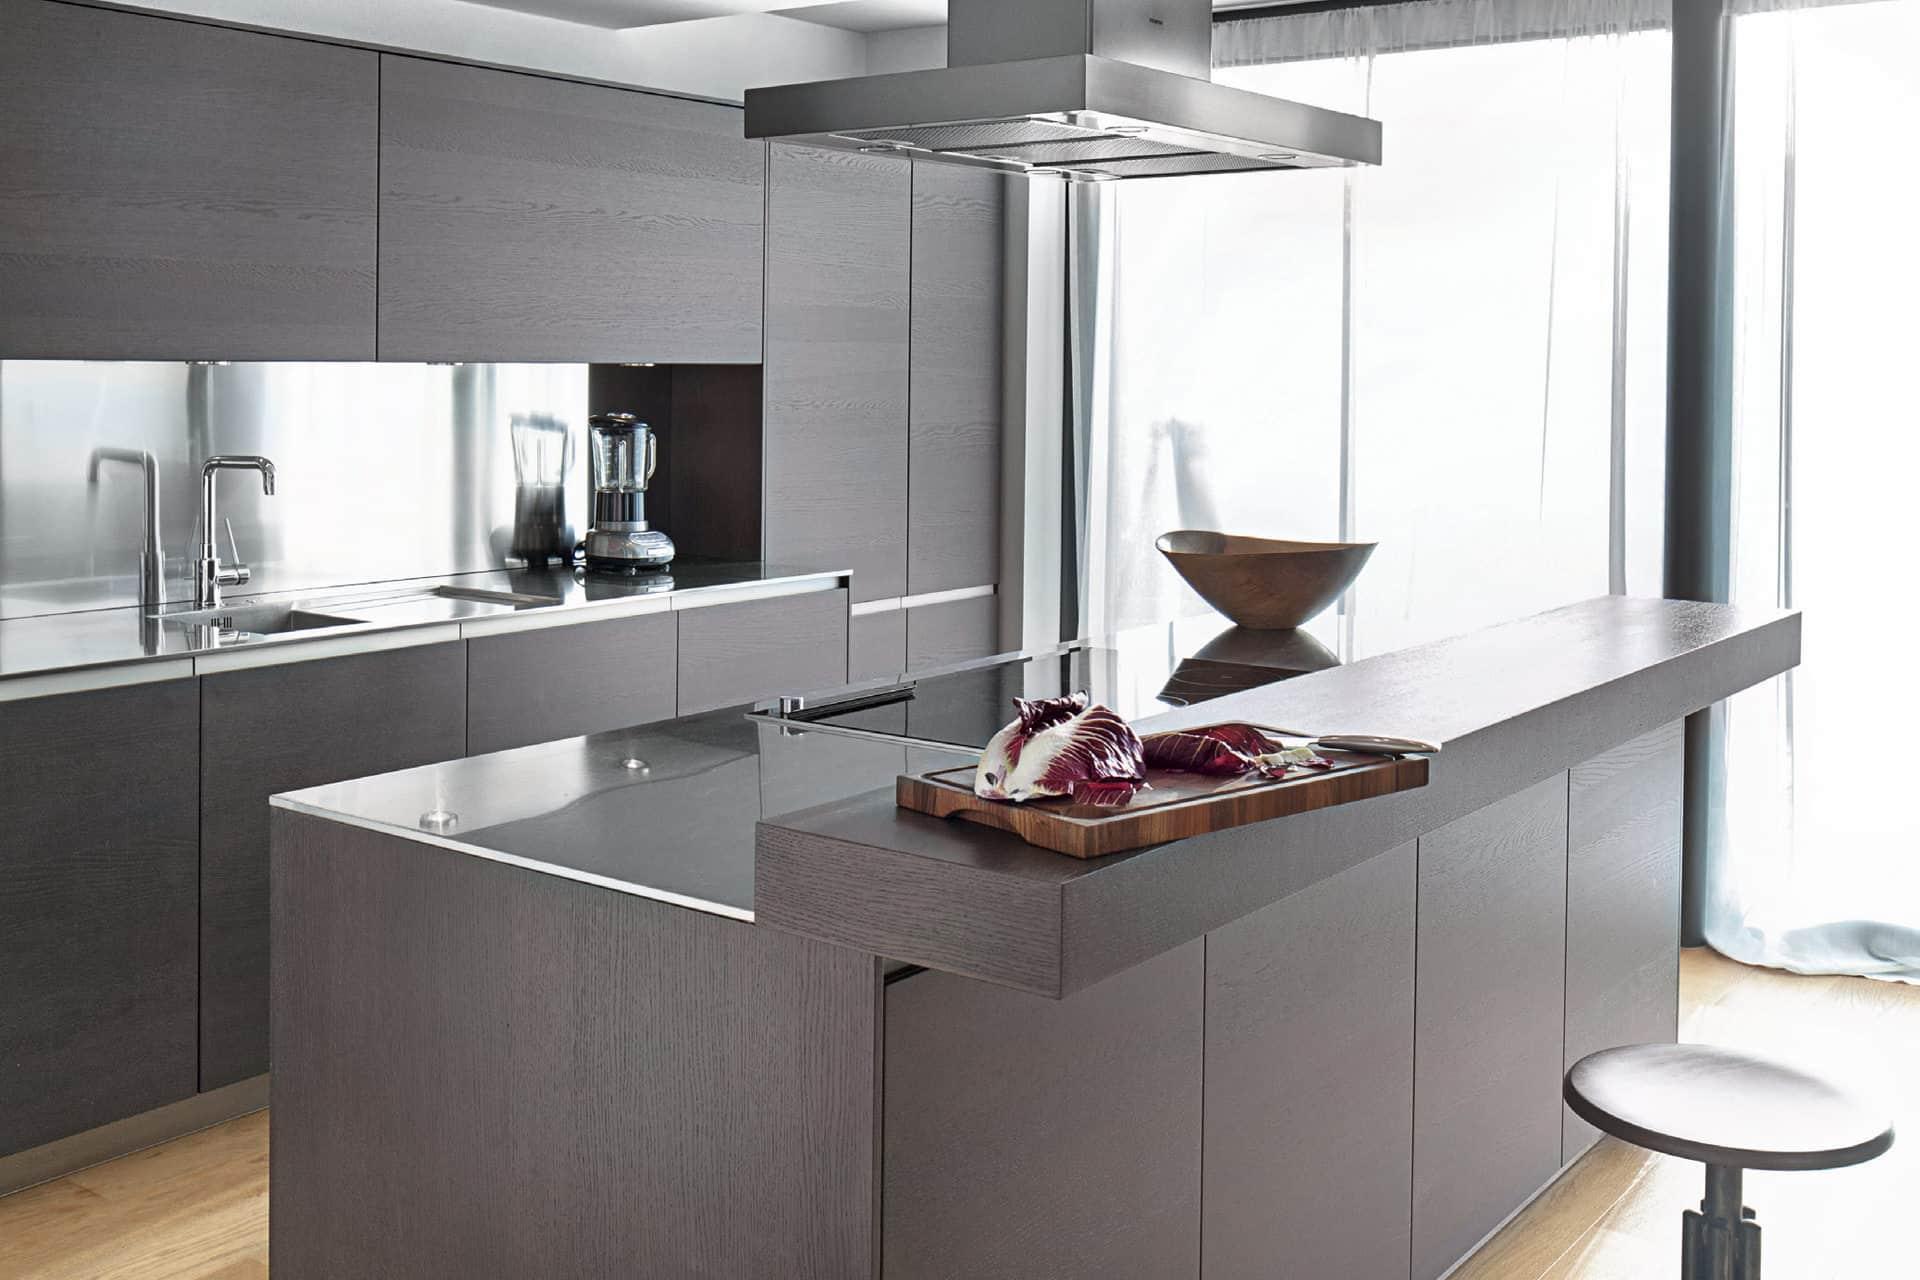 wohndesign marchl k chendesignmagazin lassen sie sich inspirieren. Black Bedroom Furniture Sets. Home Design Ideas